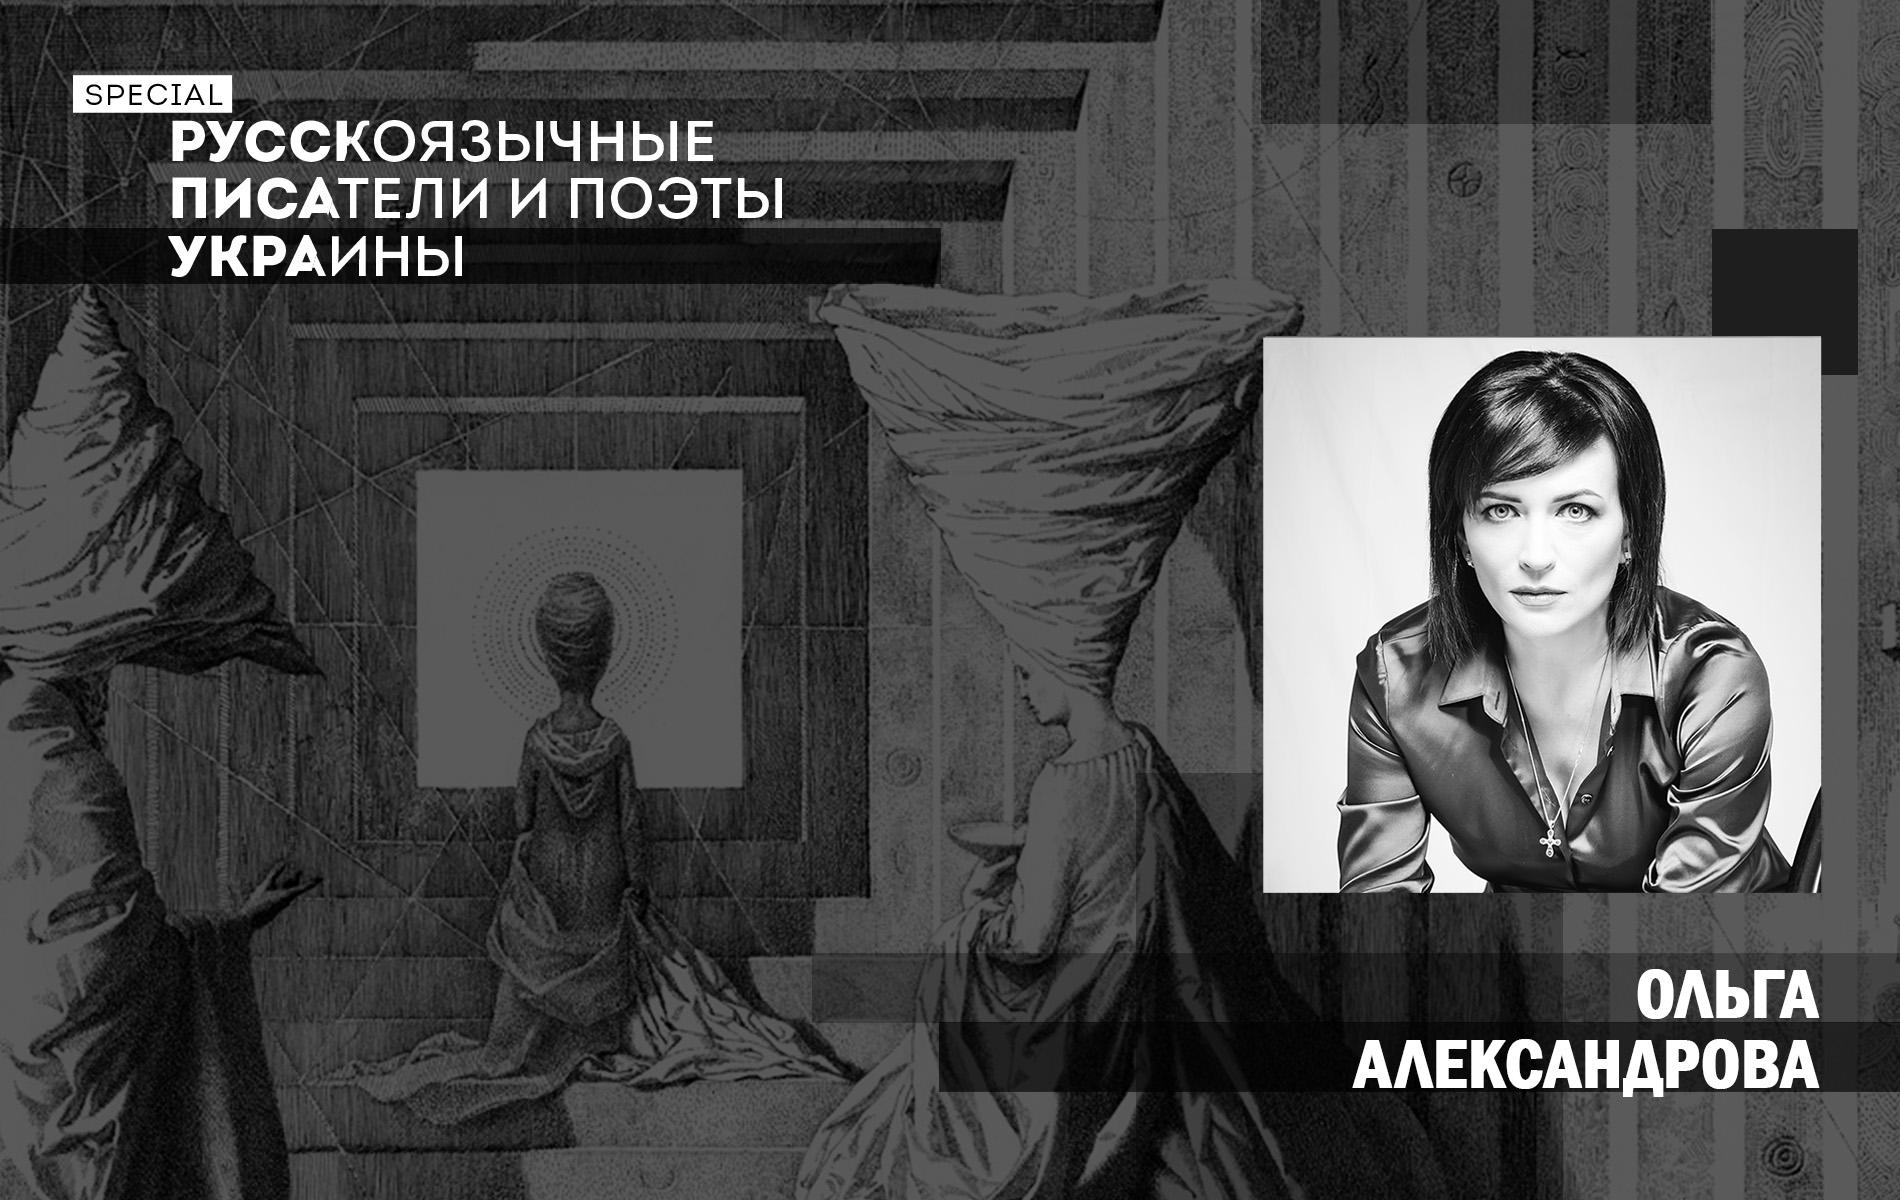 РУССКОЯЗЫЧНЫЕ ПИСАТЕЛИ И ПОЭТЫ УКРАИНЫ: творческое досье Ольги Александровой